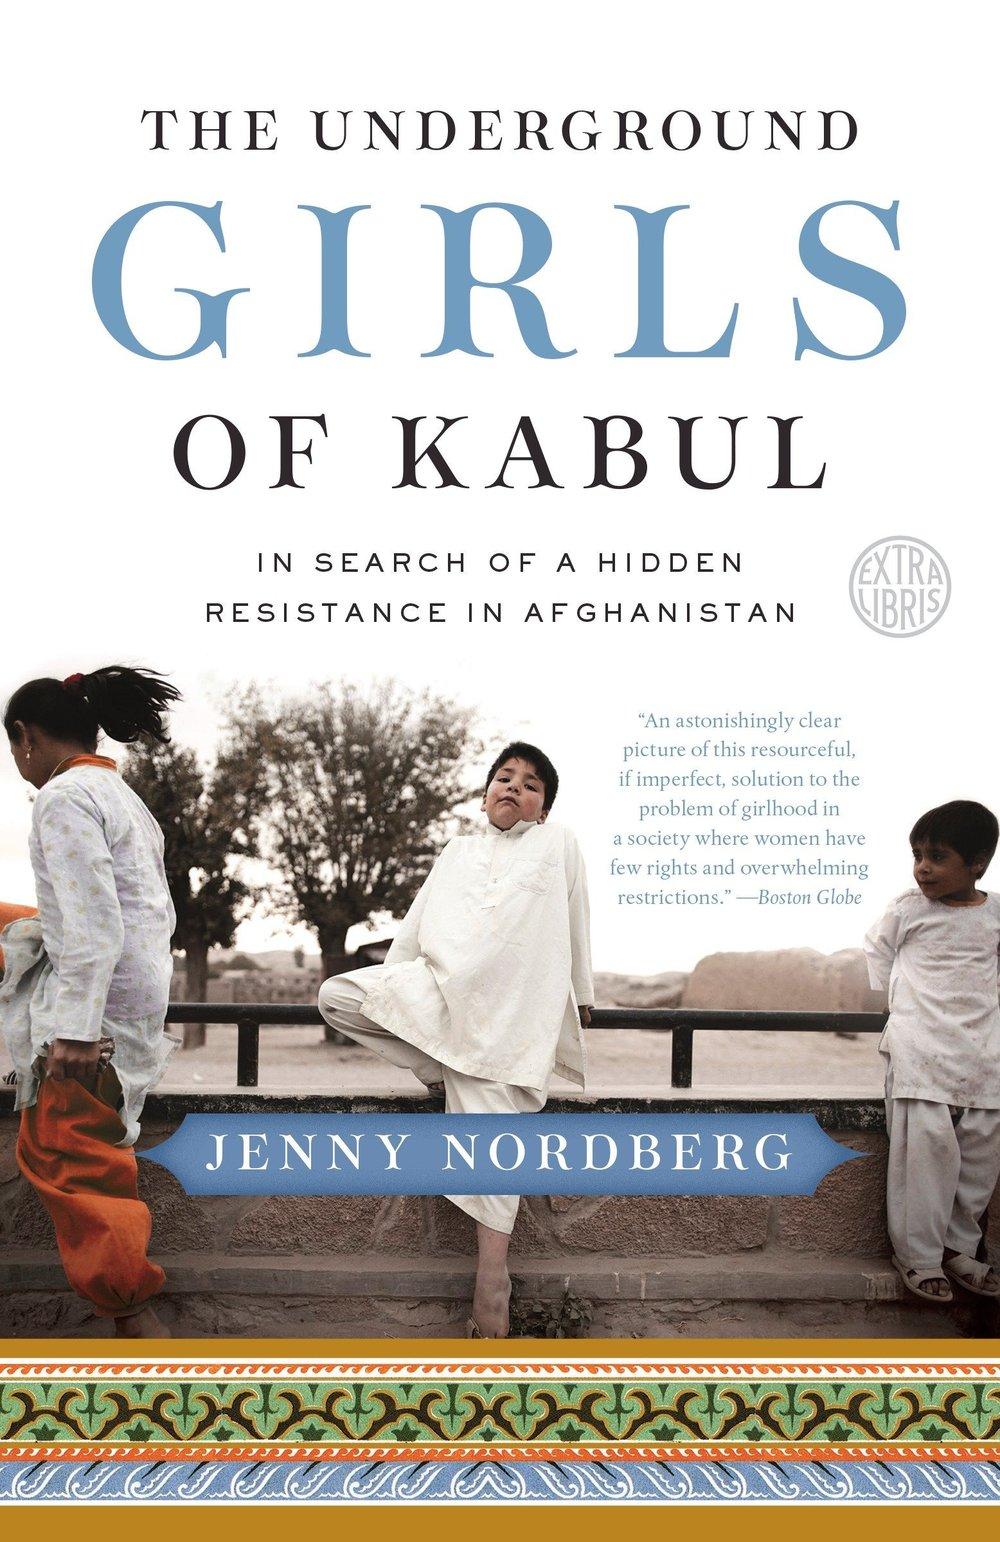 Underground Girls of Kabul.jpg